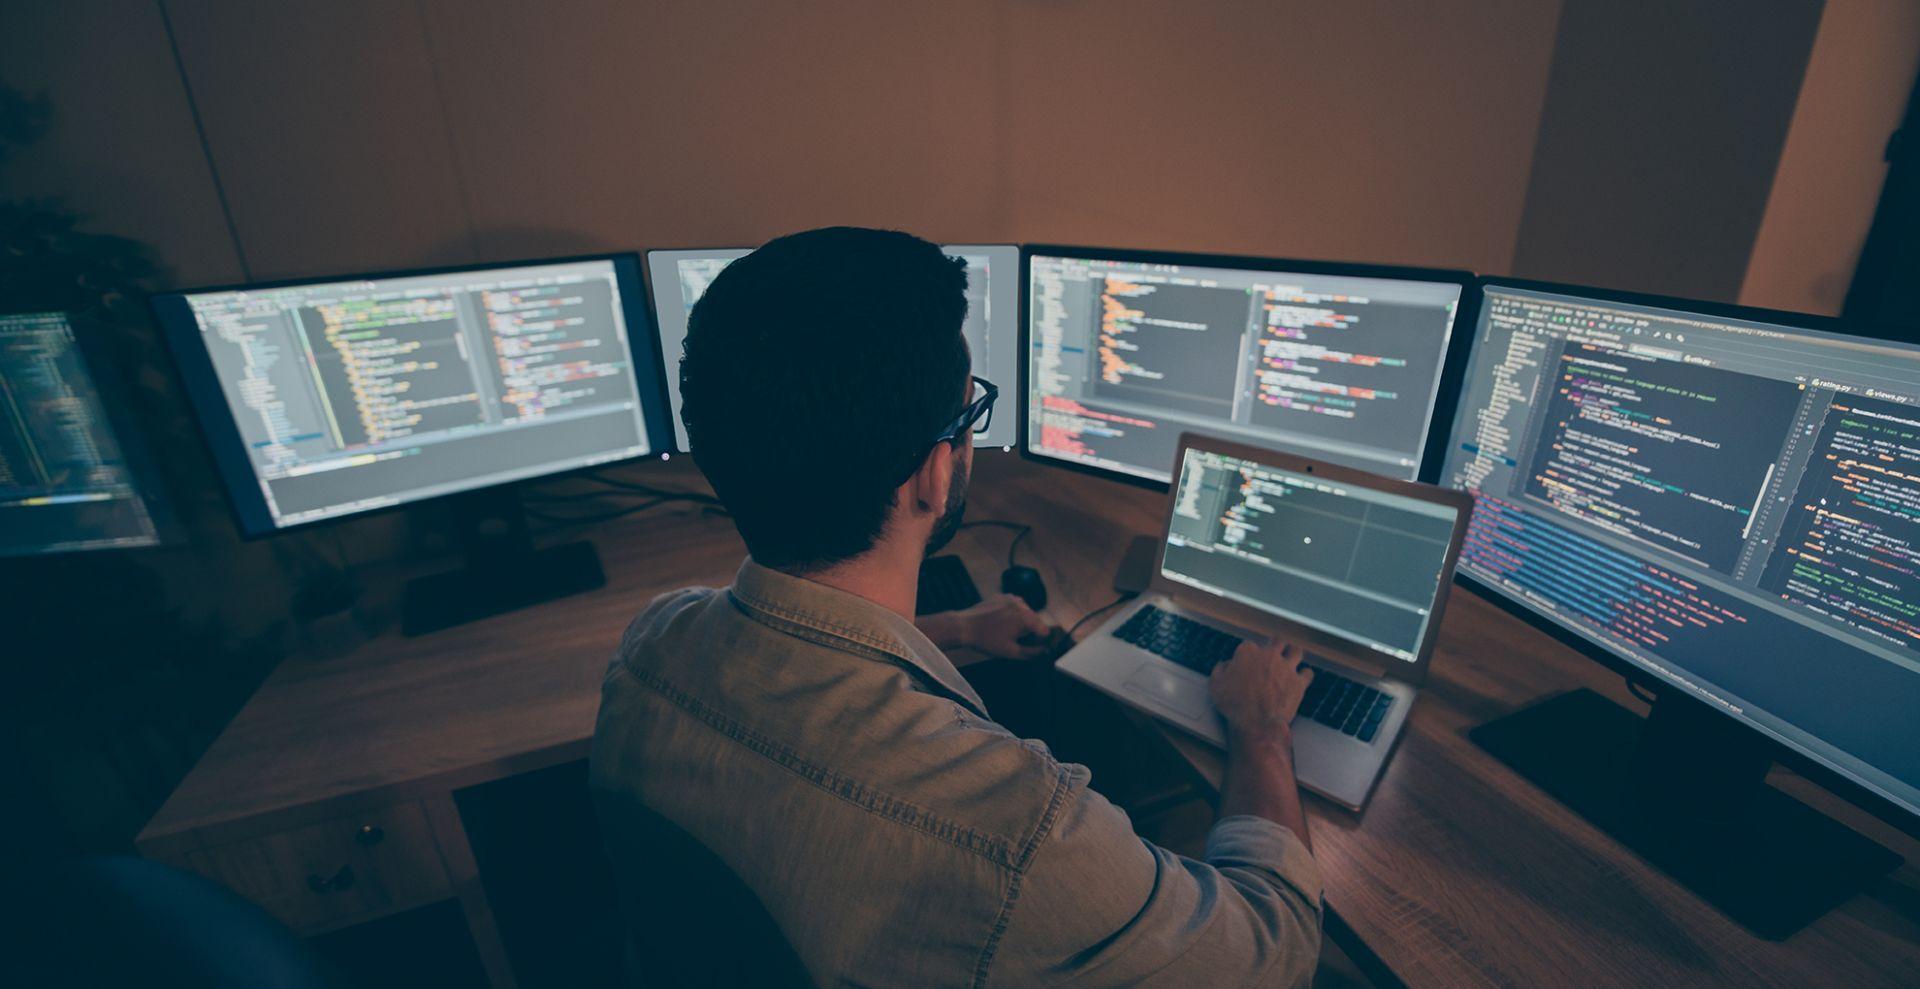 mies useiden tietokoneen näyttöjen keskellä